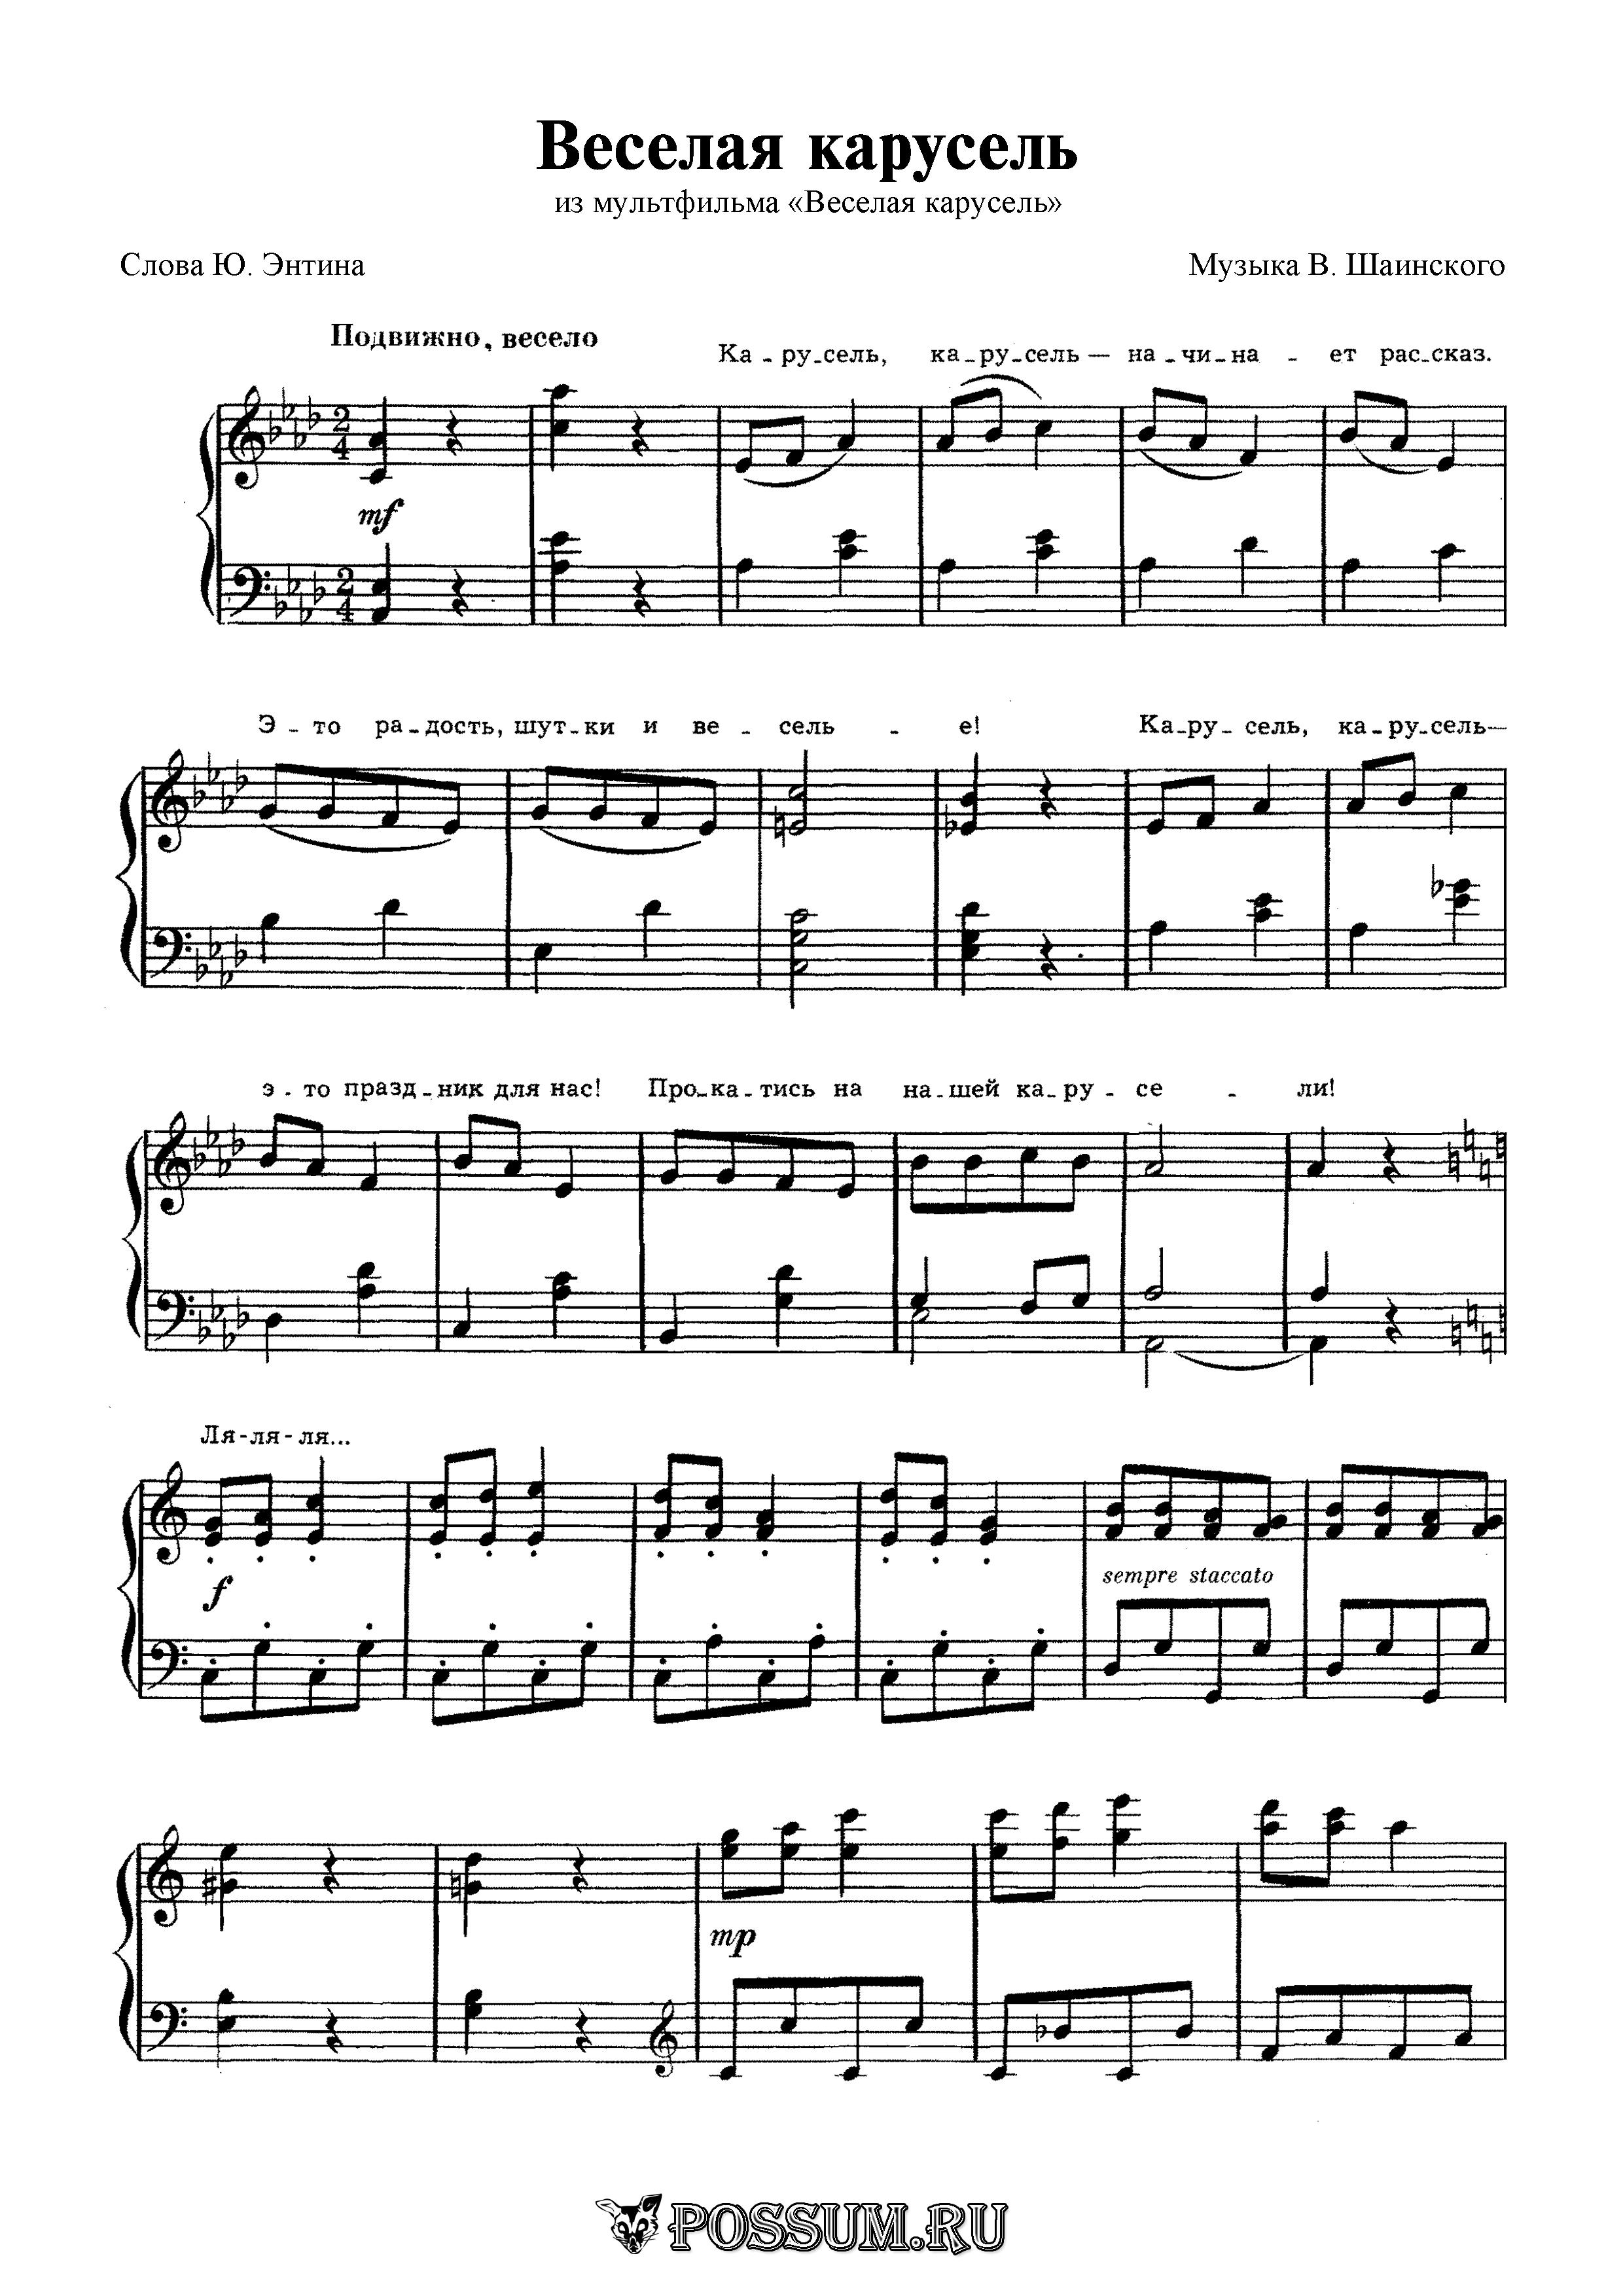 Песня карусель мелодий скачать бесплатно